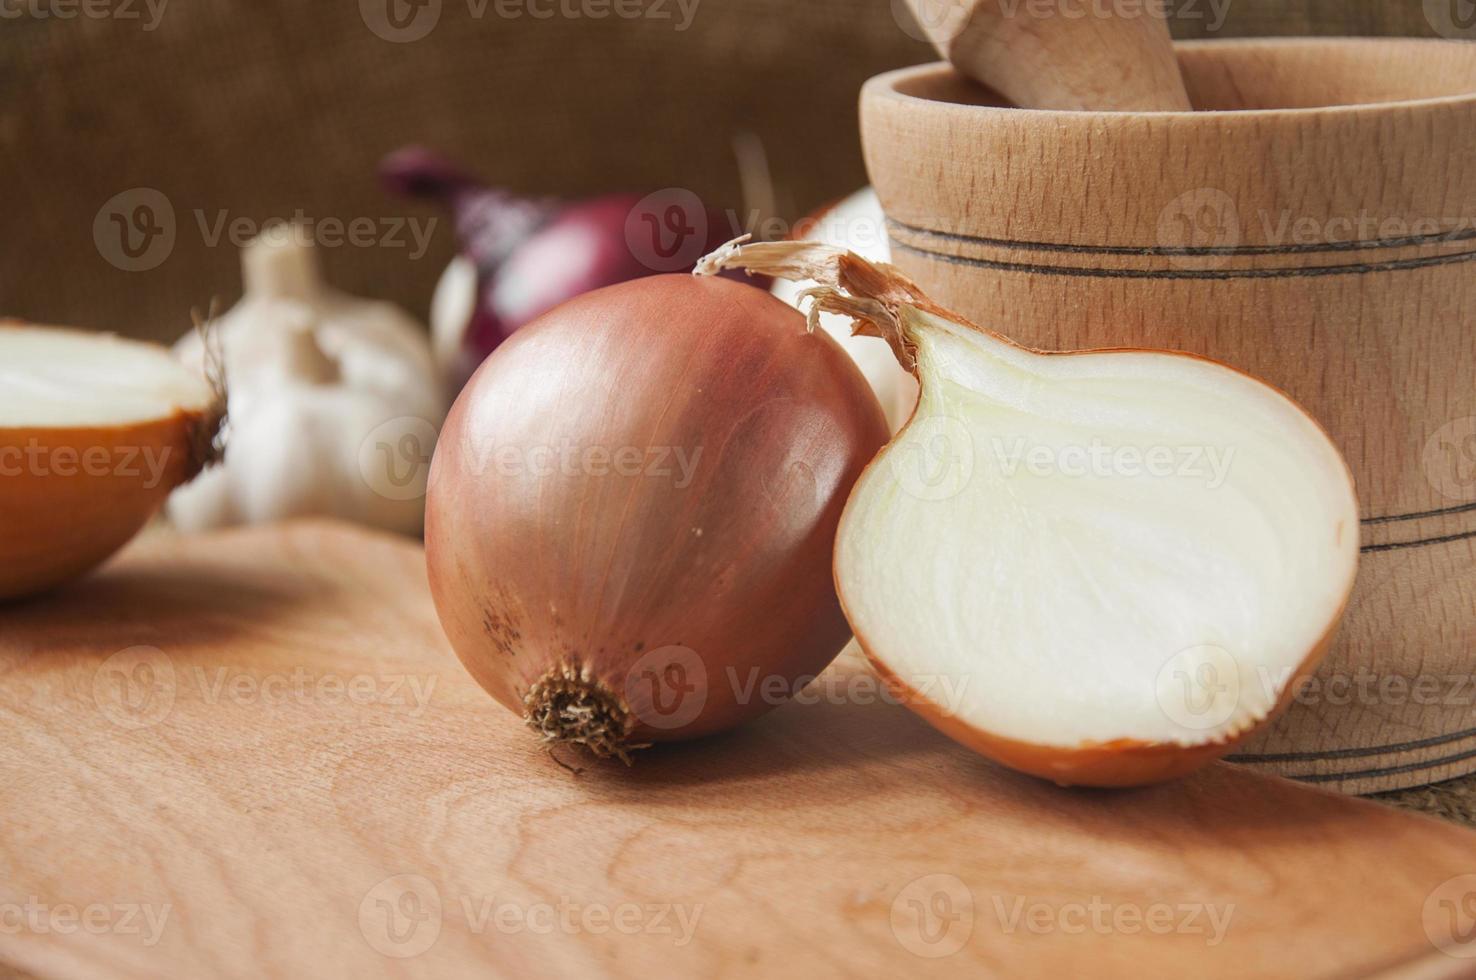 verschiedene Zwiebeln auf einem Brett auf einem Hintergrund entlassen, Sackleinen foto